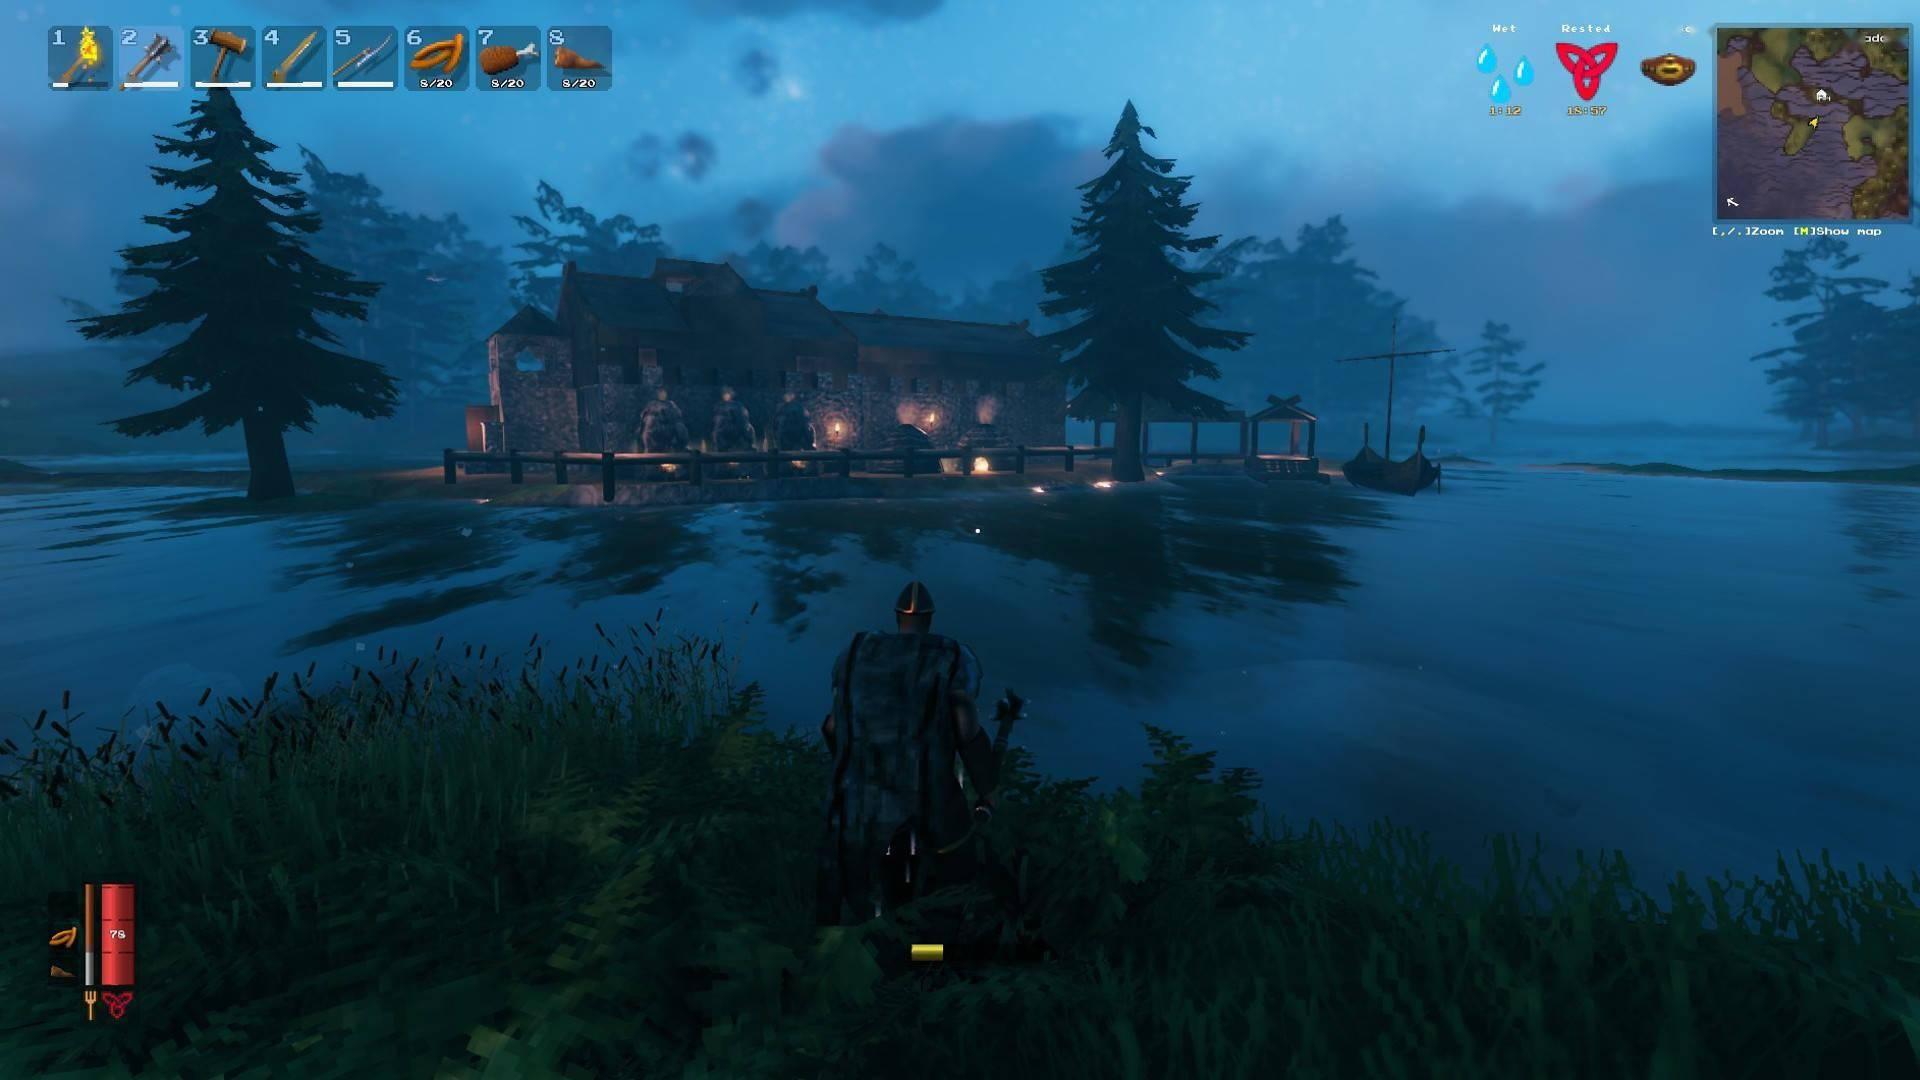 玩家在《英灵神殿》中还原《星球大战》千年隼号